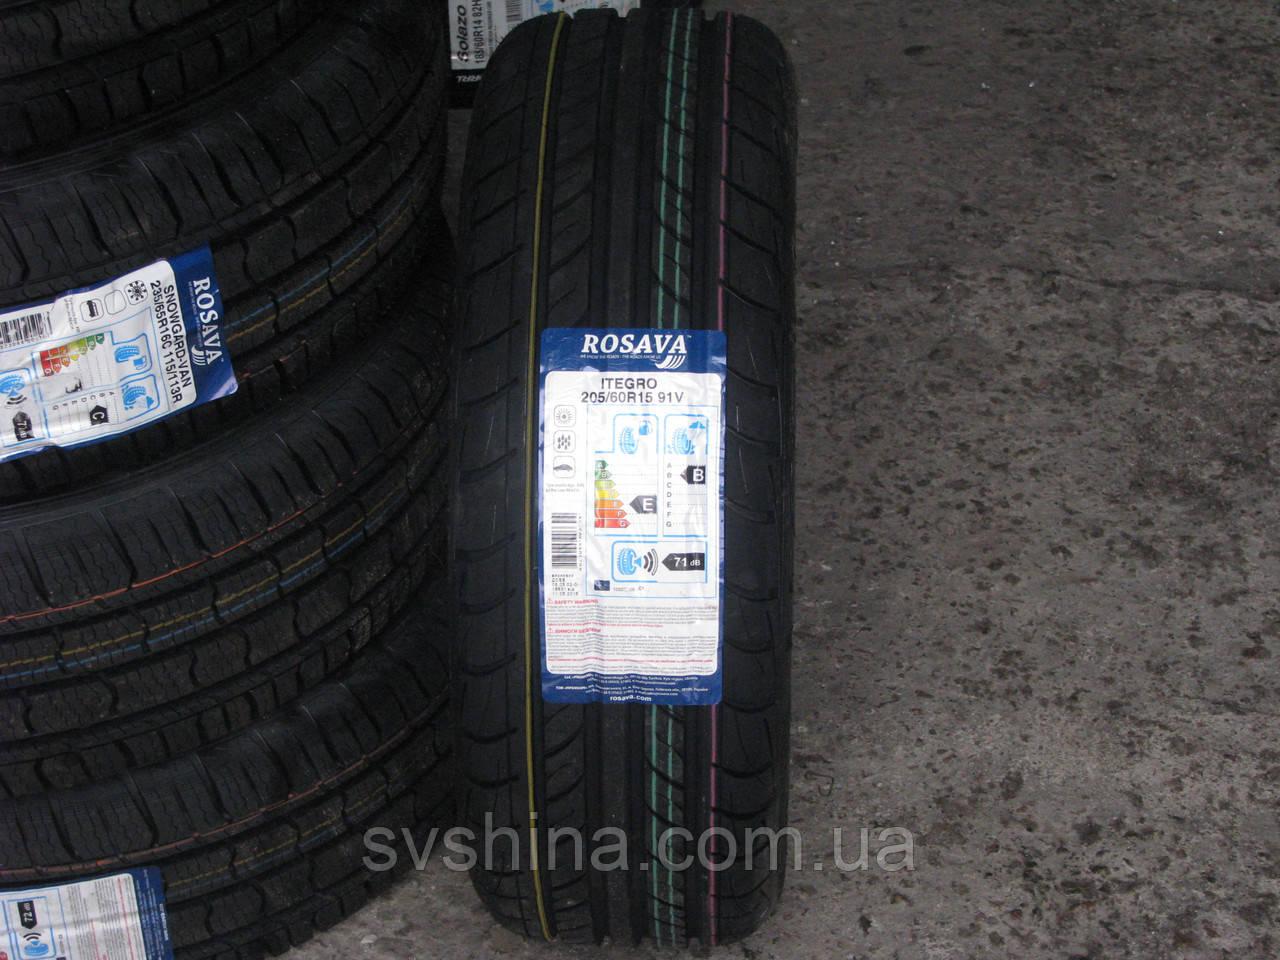 Літні шини 205/60R15 Росава ITEGRO, 91V